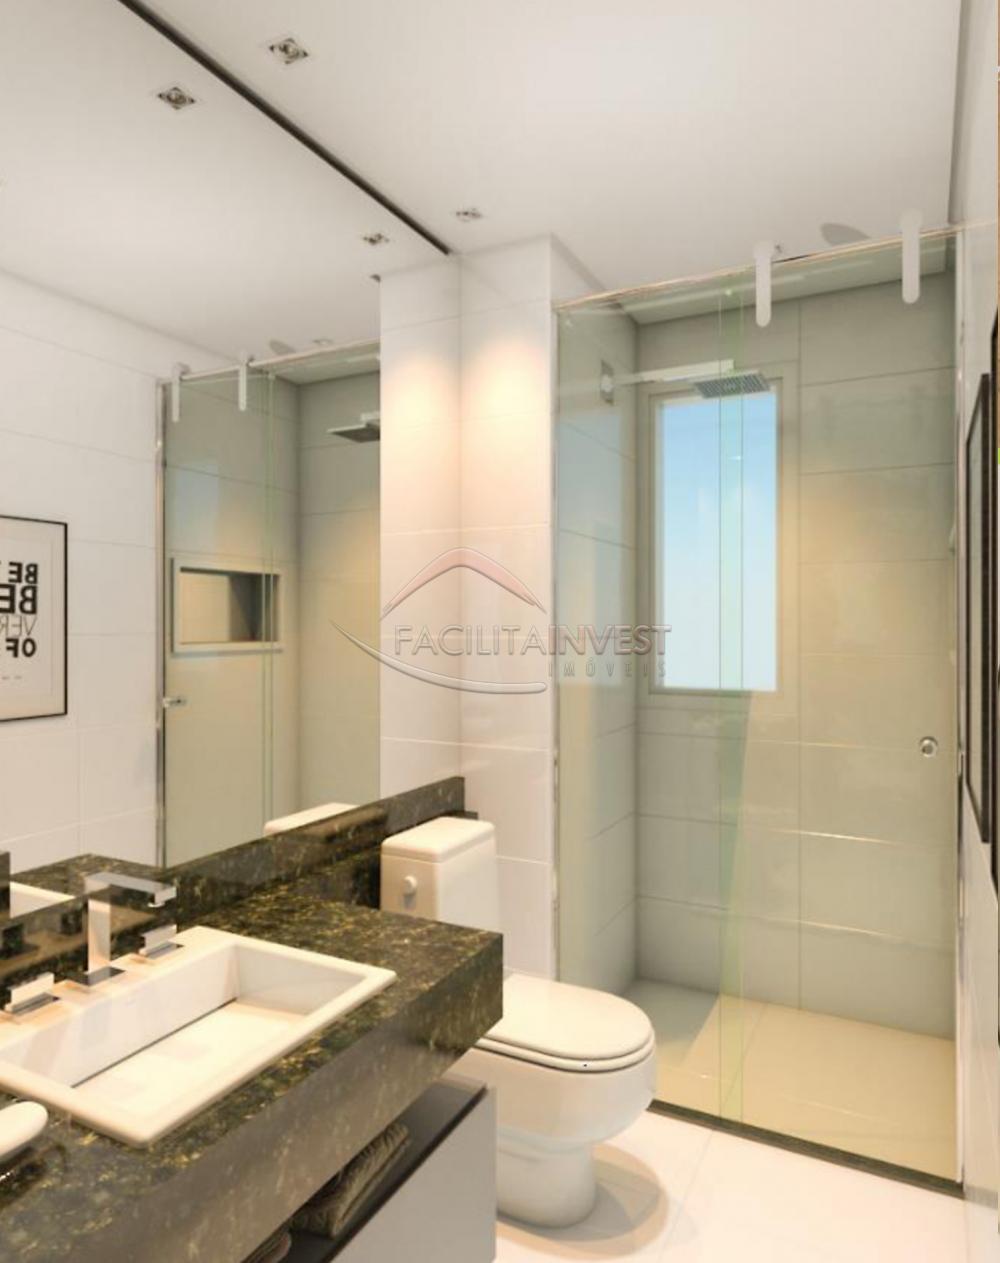 Comprar Lançamentos/ Empreendimentos em Construç / Apartamento padrão - Lançamento em Ribeirão Preto apenas R$ 549.725,00 - Foto 8